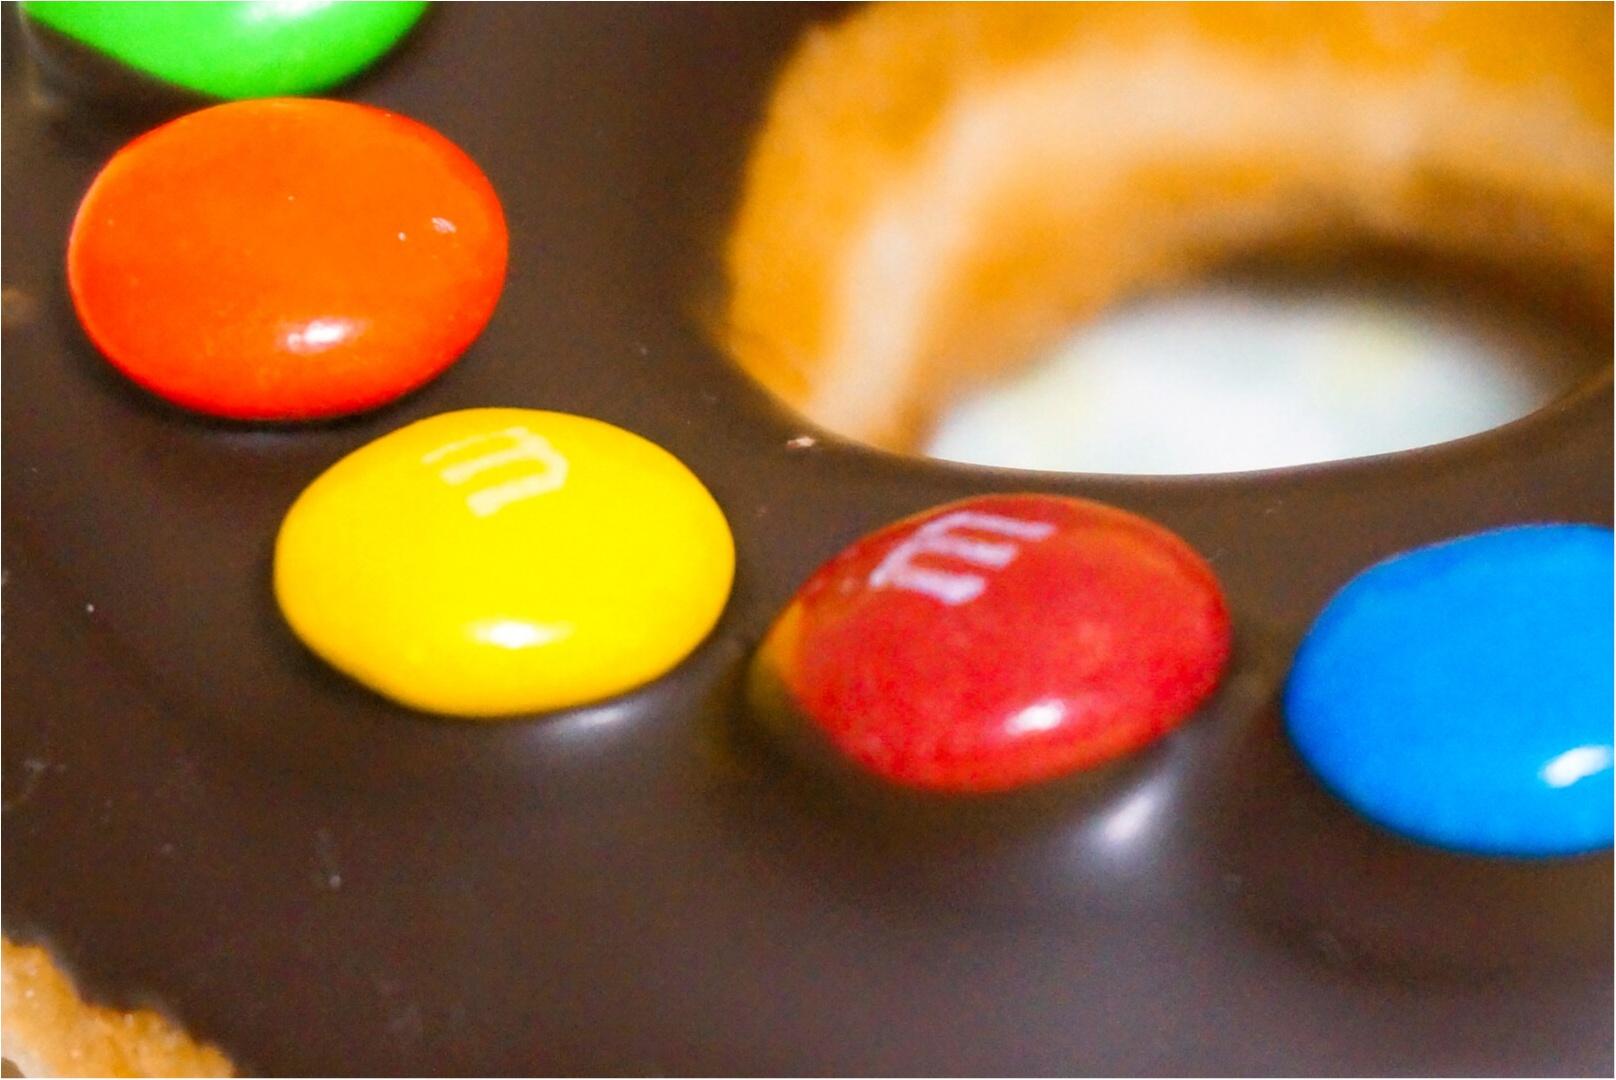 《夢のコラボが実現‼︎》こんなの待ってた♡今日から発売【クリスピークリームドーナッツ】の新作はひと味違うヽ(^◇^*)/ _7